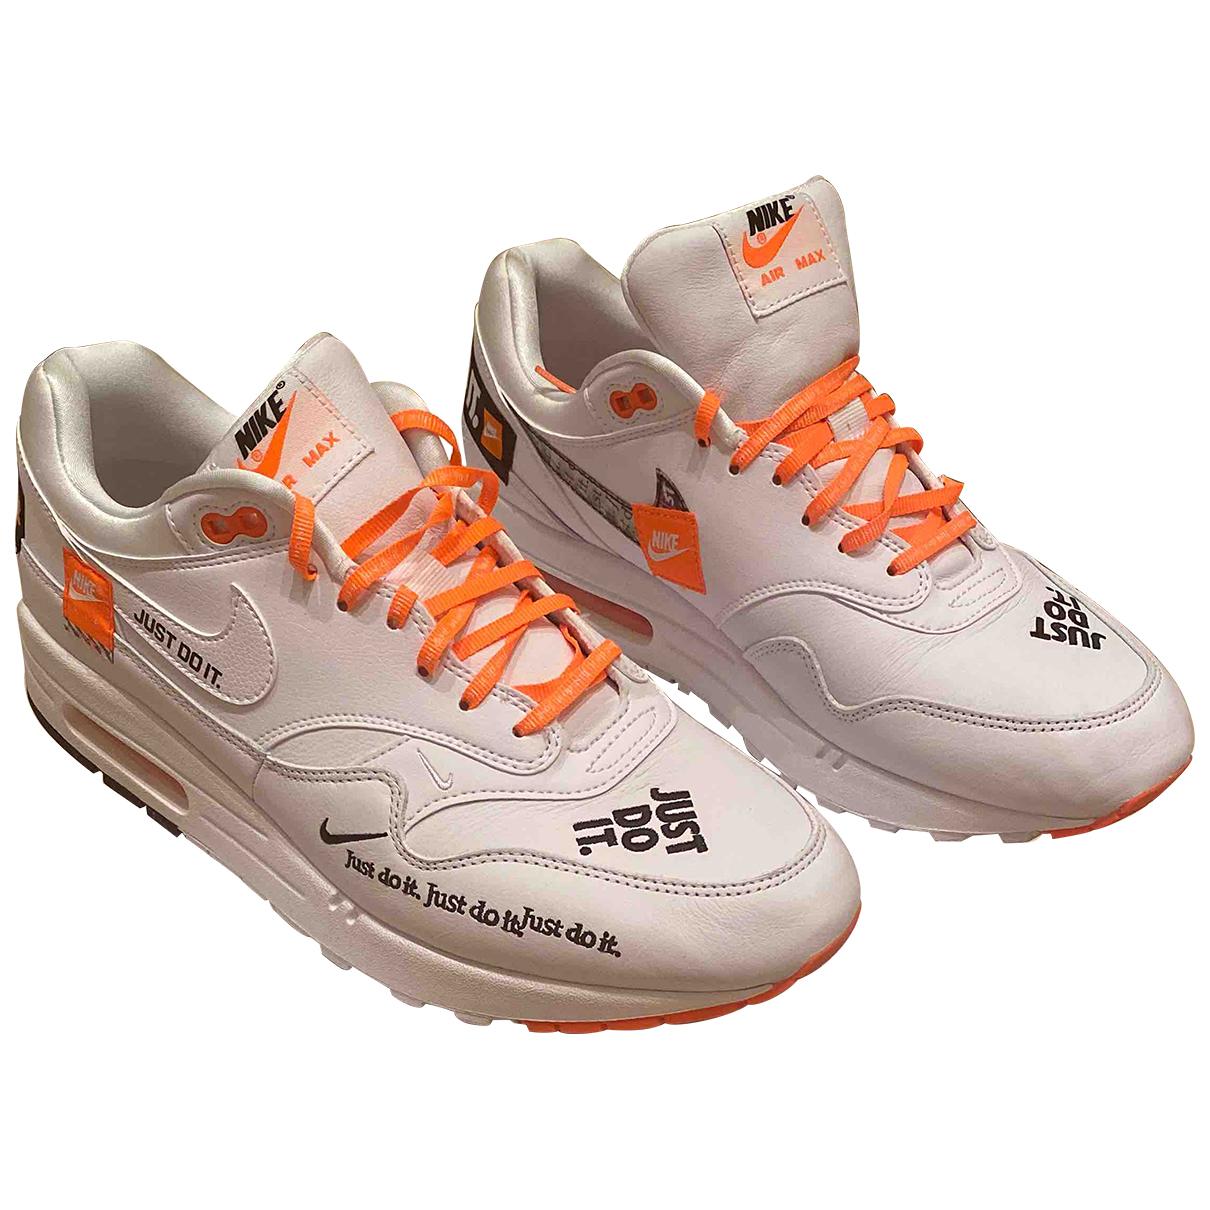 Nike - Baskets   pour homme en cuir - blanc